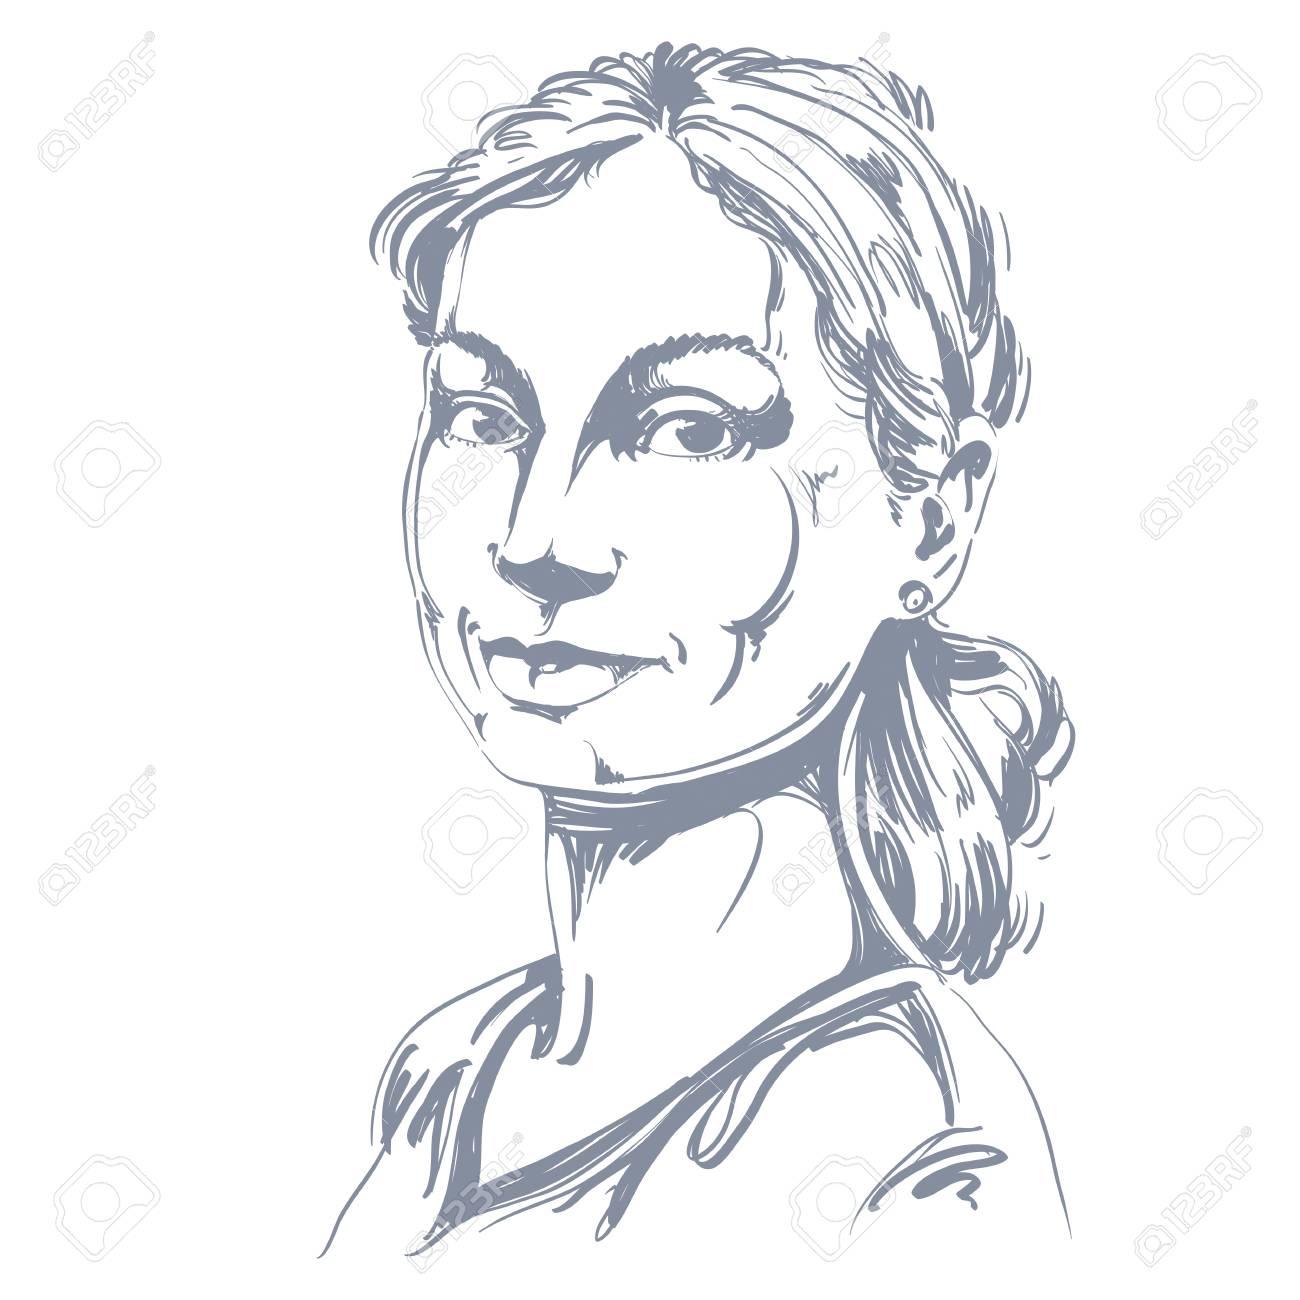 Portrait De Délicate Belle Femme Encore Dessin Vectoriel Noir Et Blanc De Fille Paisible Et Tendre Image Didées Expressions émotionnelles Joli